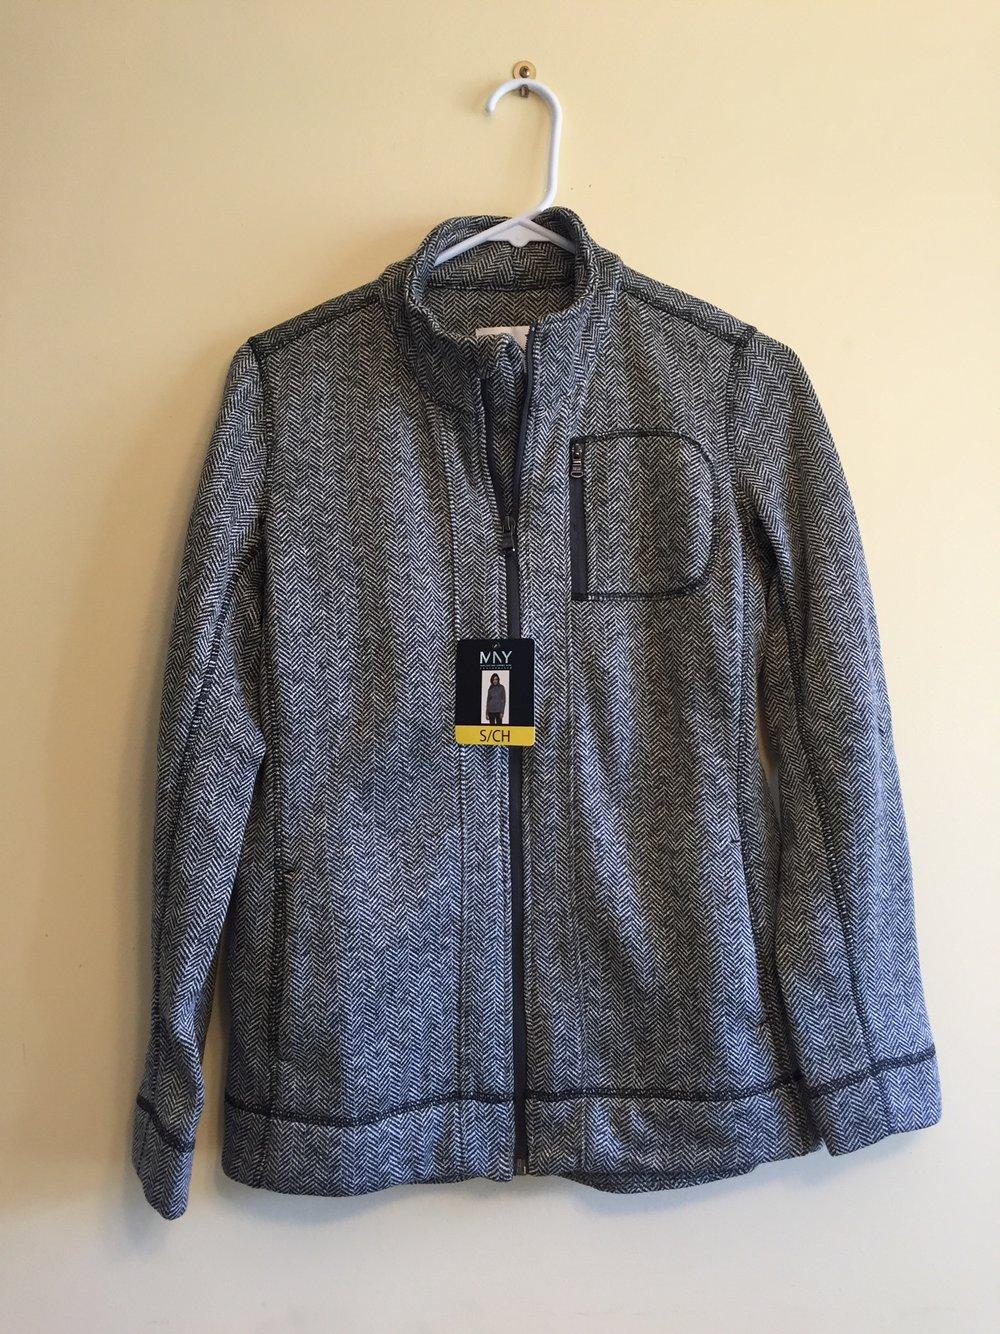 Jacket (Marc New York)